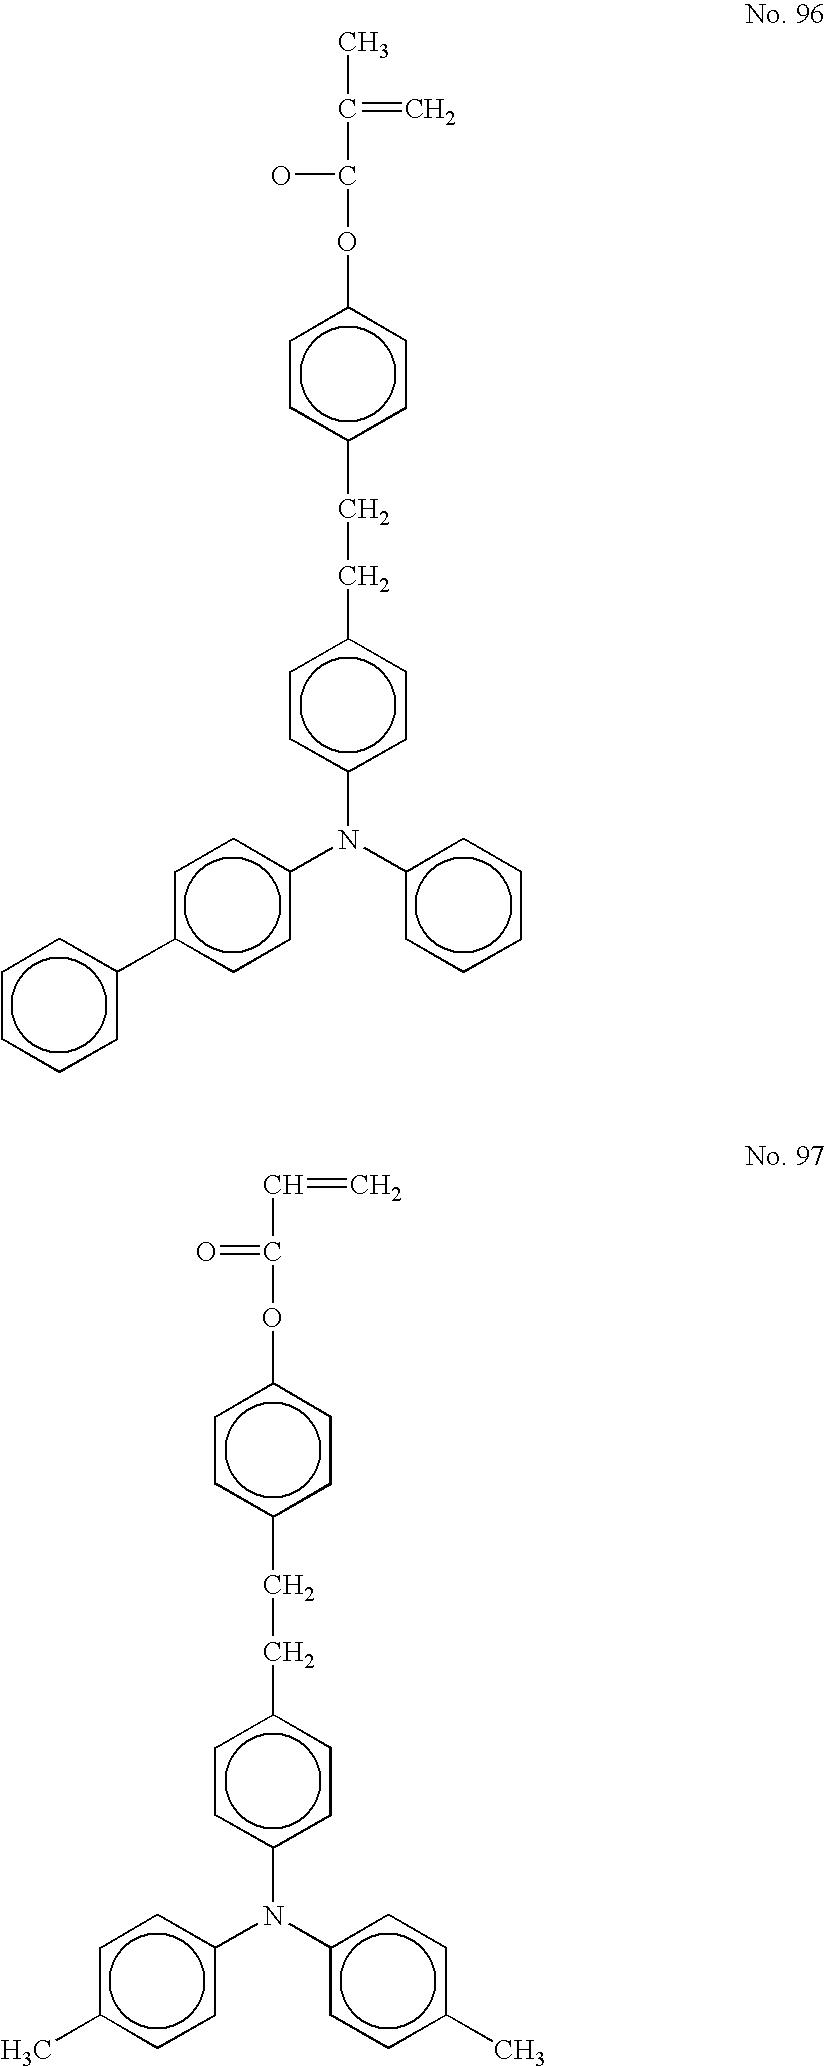 Figure US20040253527A1-20041216-C00044